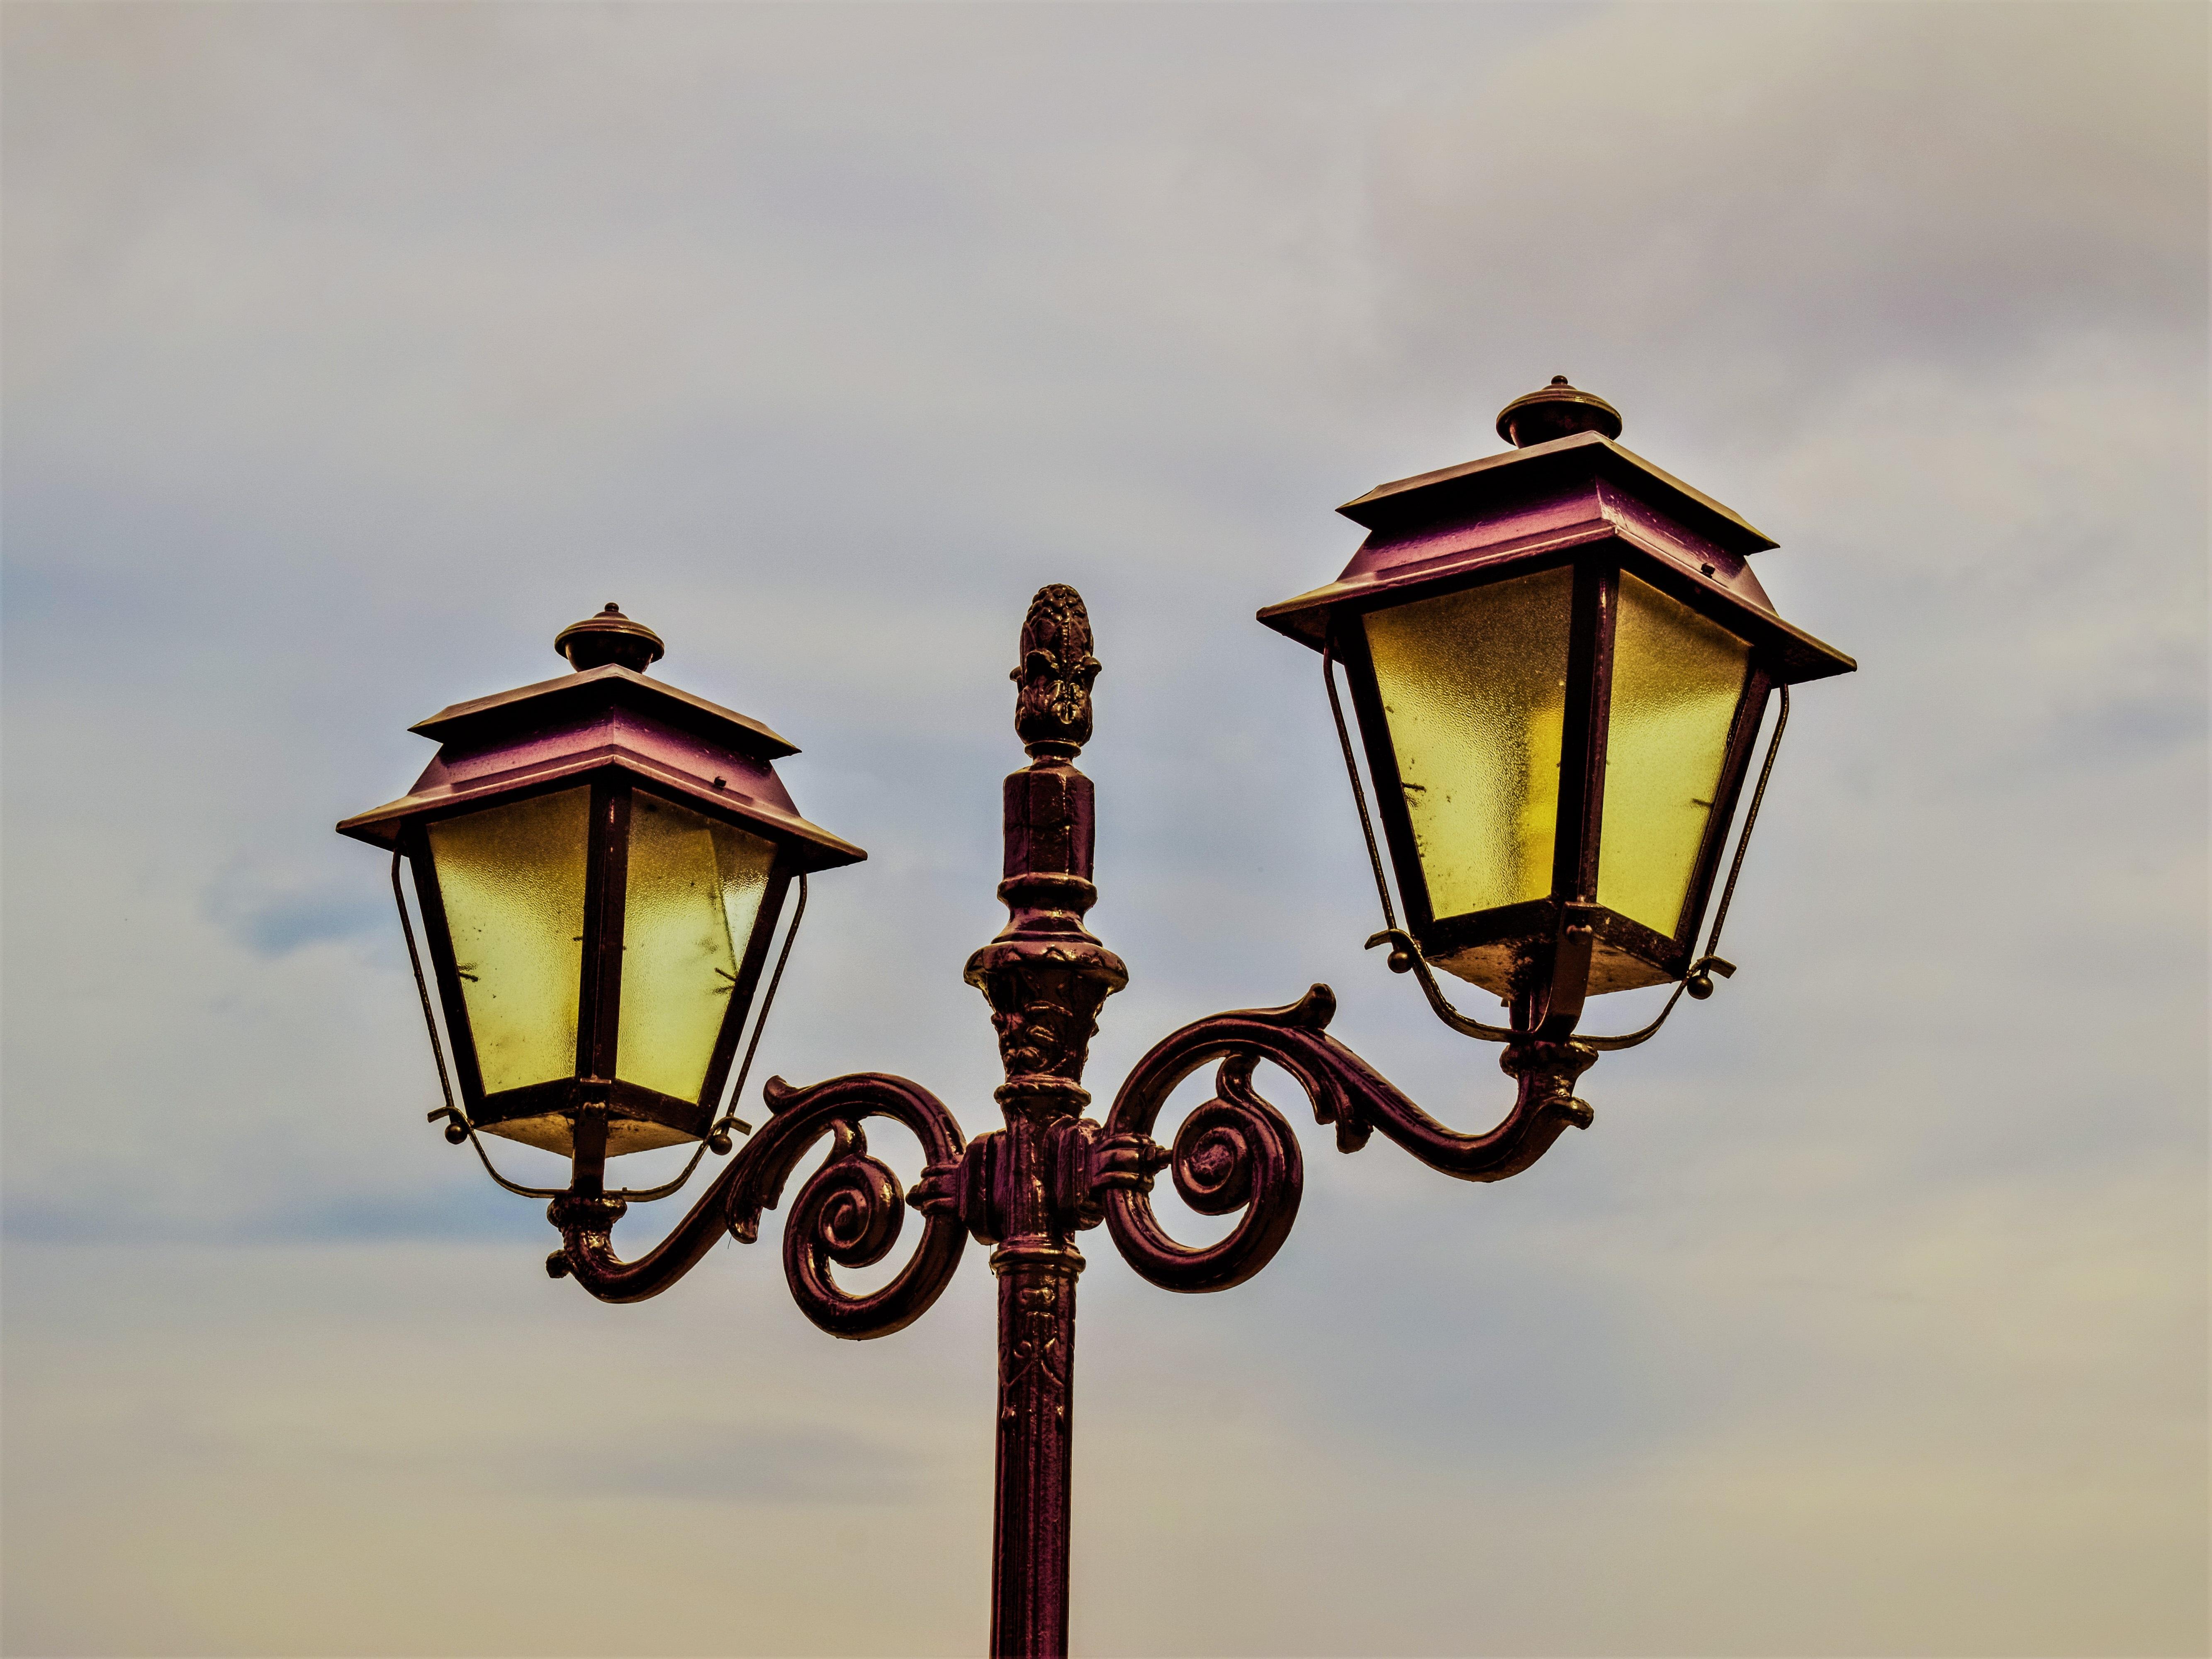 фотогалерея фонари уличные обзоры